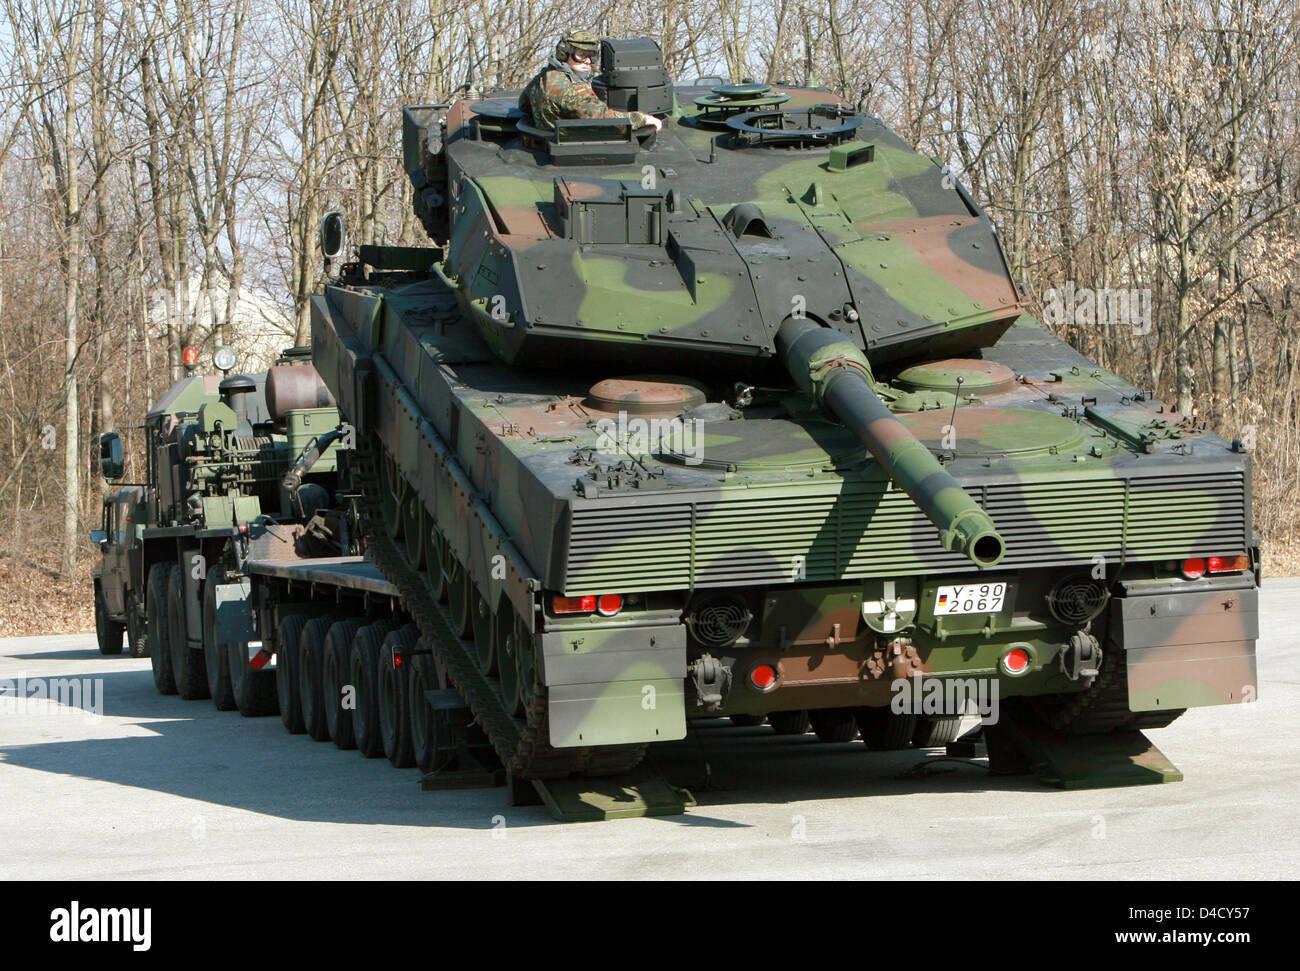 ein deutsche bundeswehr kampfpanzer leopard 2 a6 von. Black Bedroom Furniture Sets. Home Design Ideas